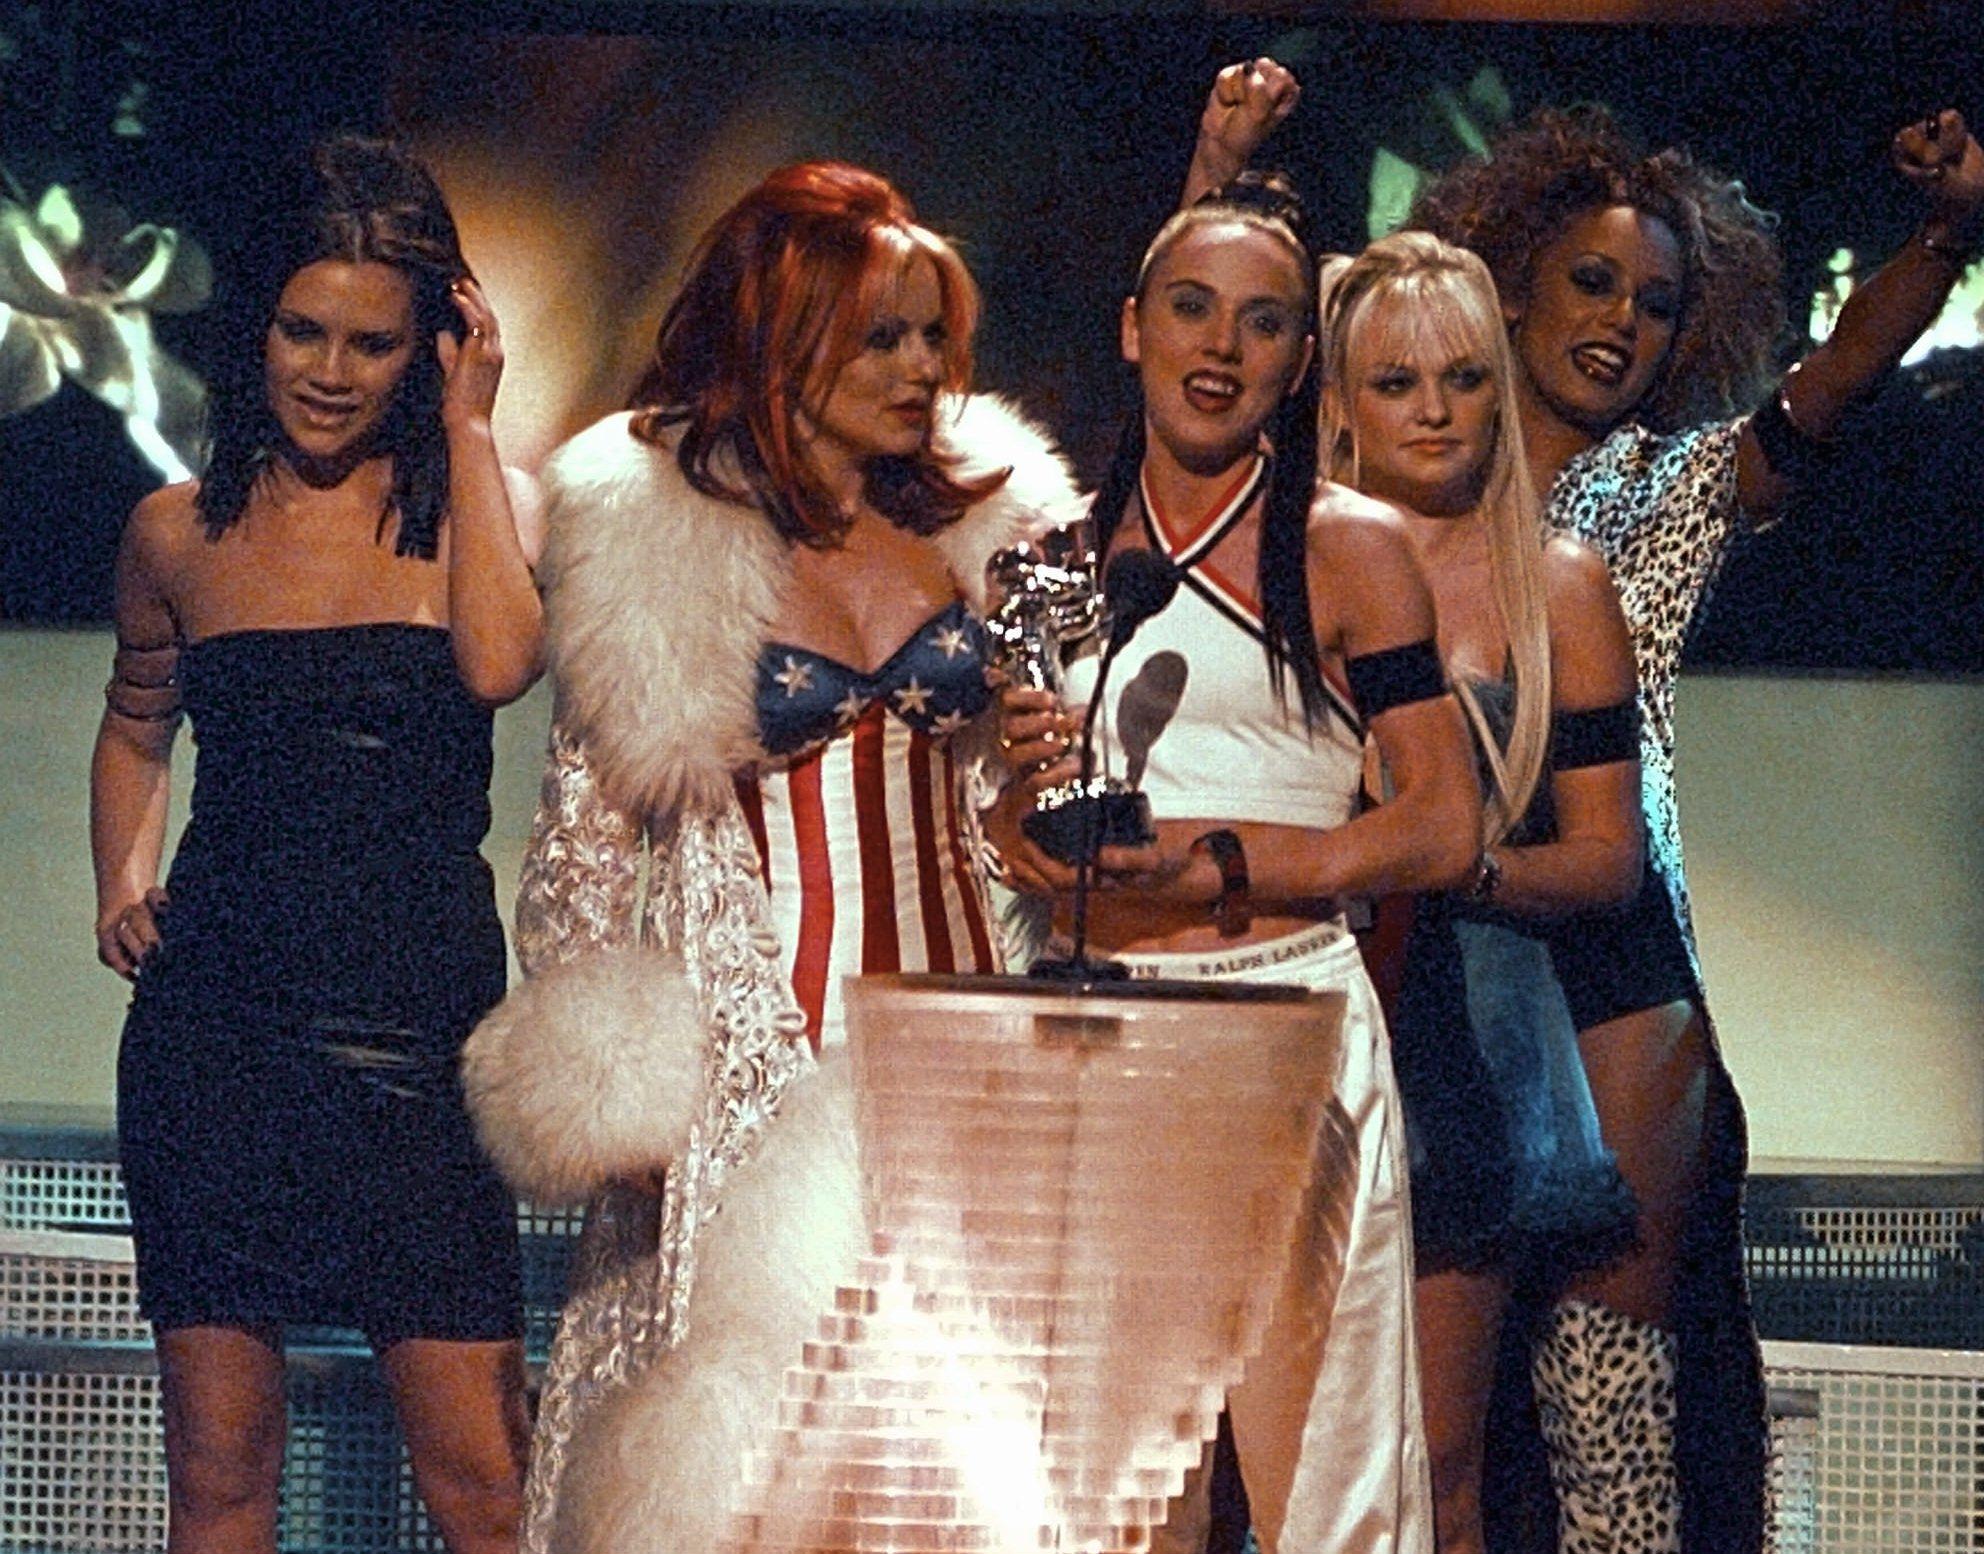 Victoria Beckham con su característico vestido ajustado negro junto al resto de las Spice Girls en 1997.